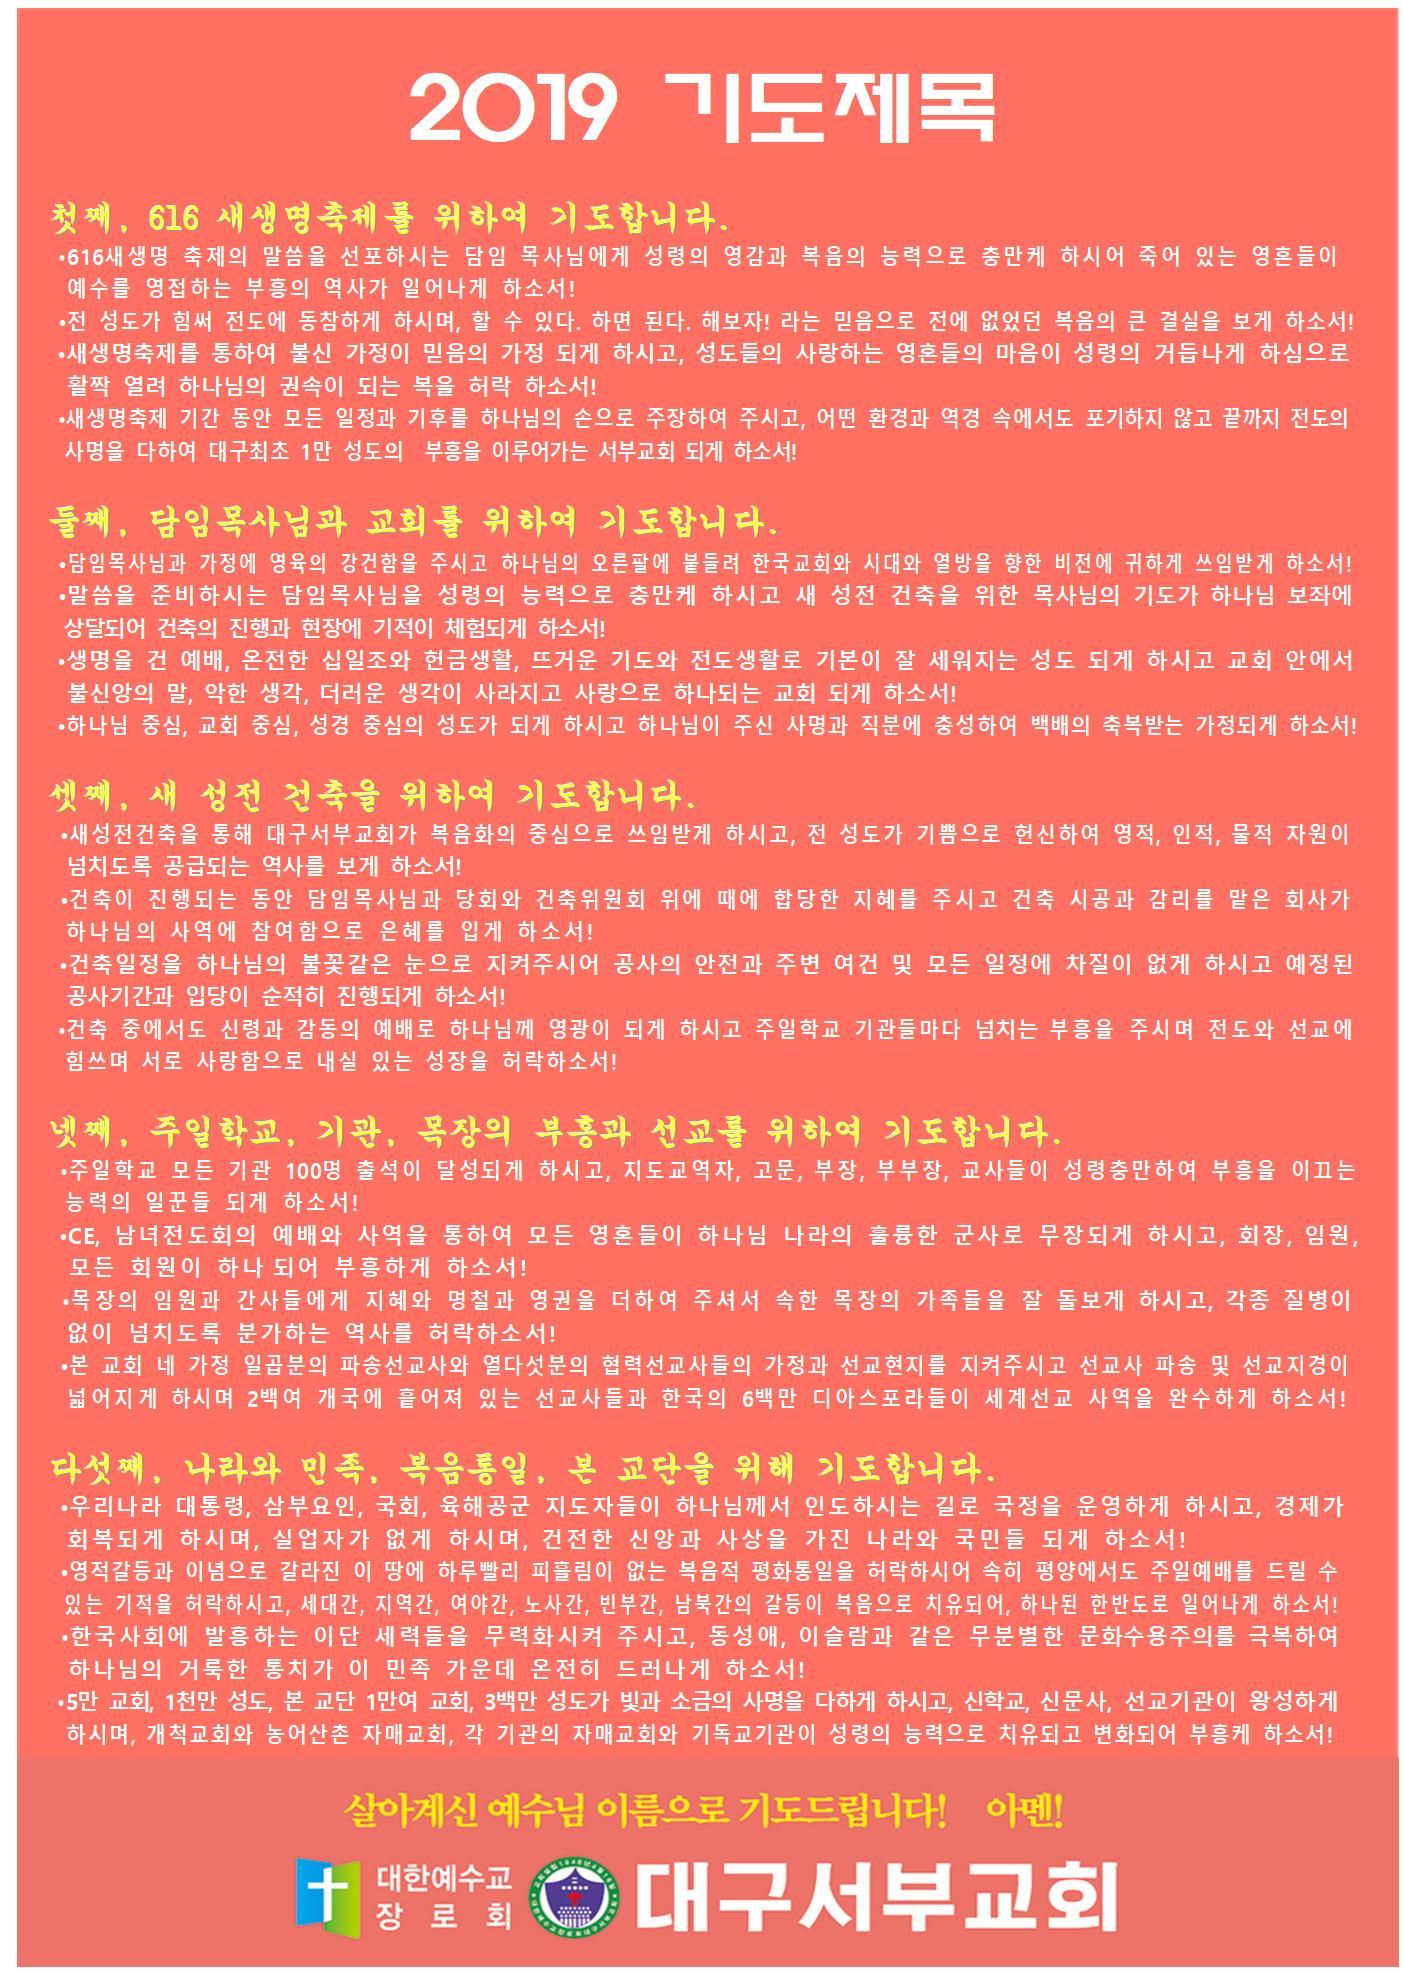 2019 기도제목(616새생명축제)컬러최저크기001.jpg